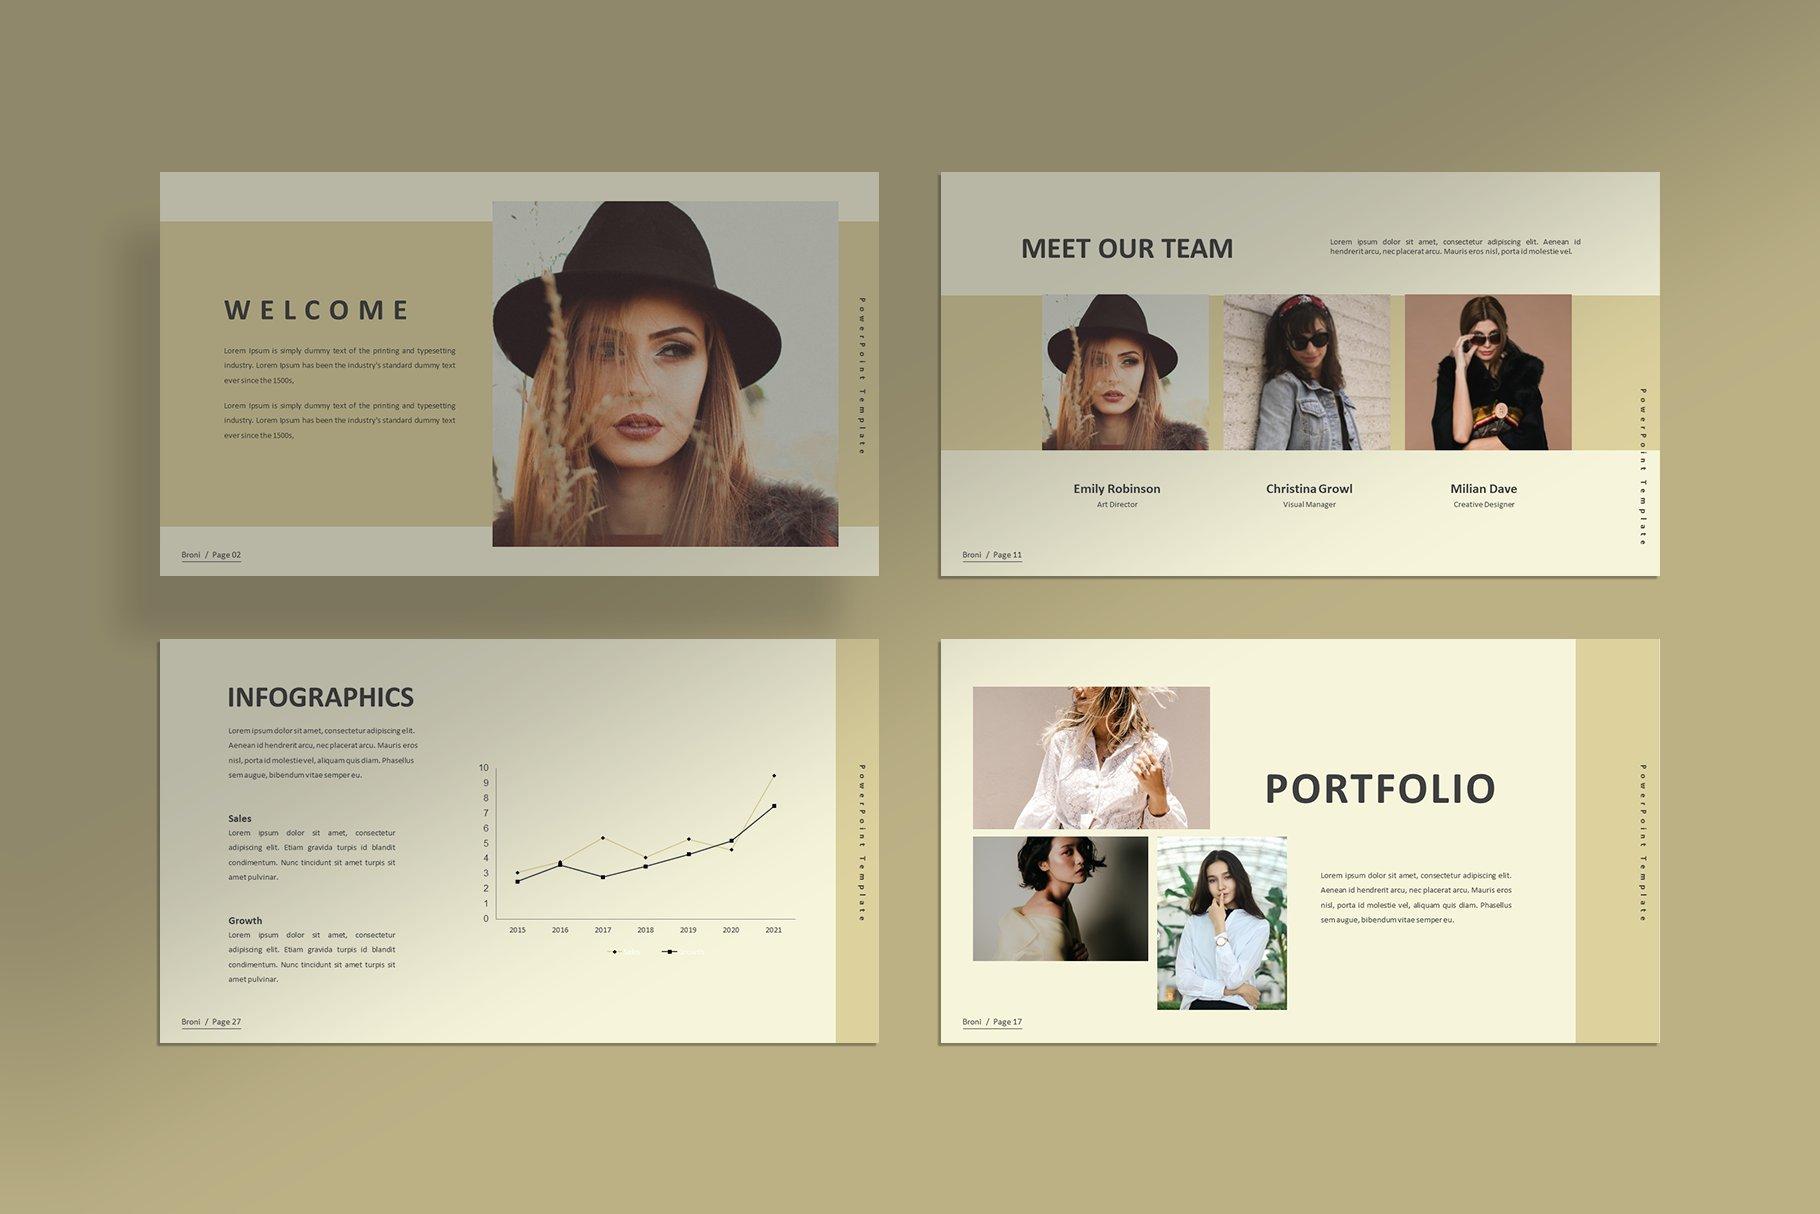 简洁服装摄影作品集图文排版设计PPT幻灯片模板 Broni – Minimalist Presentation插图(5)